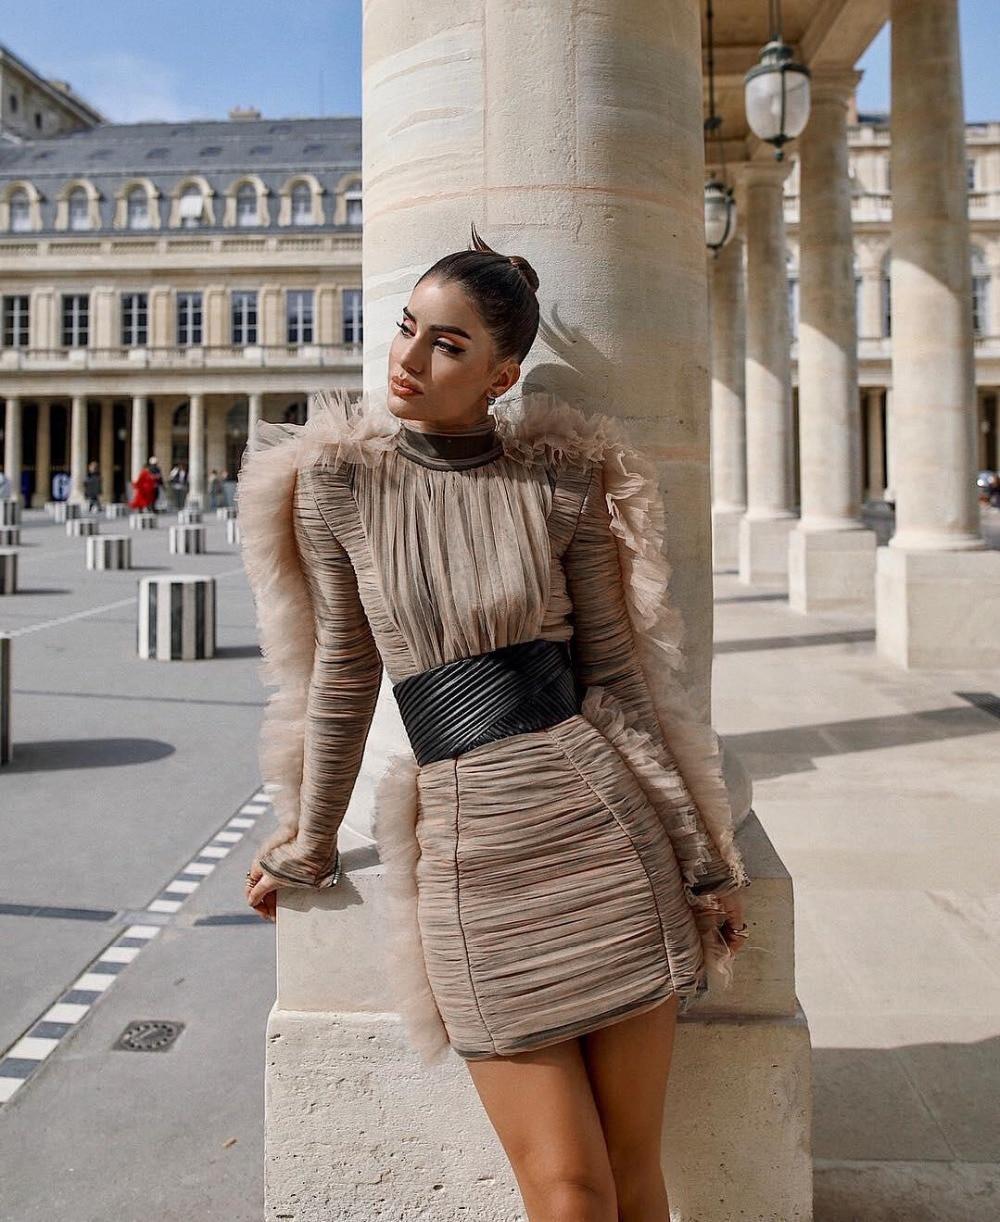 En Roulé Qualité Dessus Haute Femmes Sexy Bandagw Genou Moulante Col Du Mini Mode Dentelle Robe Élégant Celebrity Gros zXaaqWFd